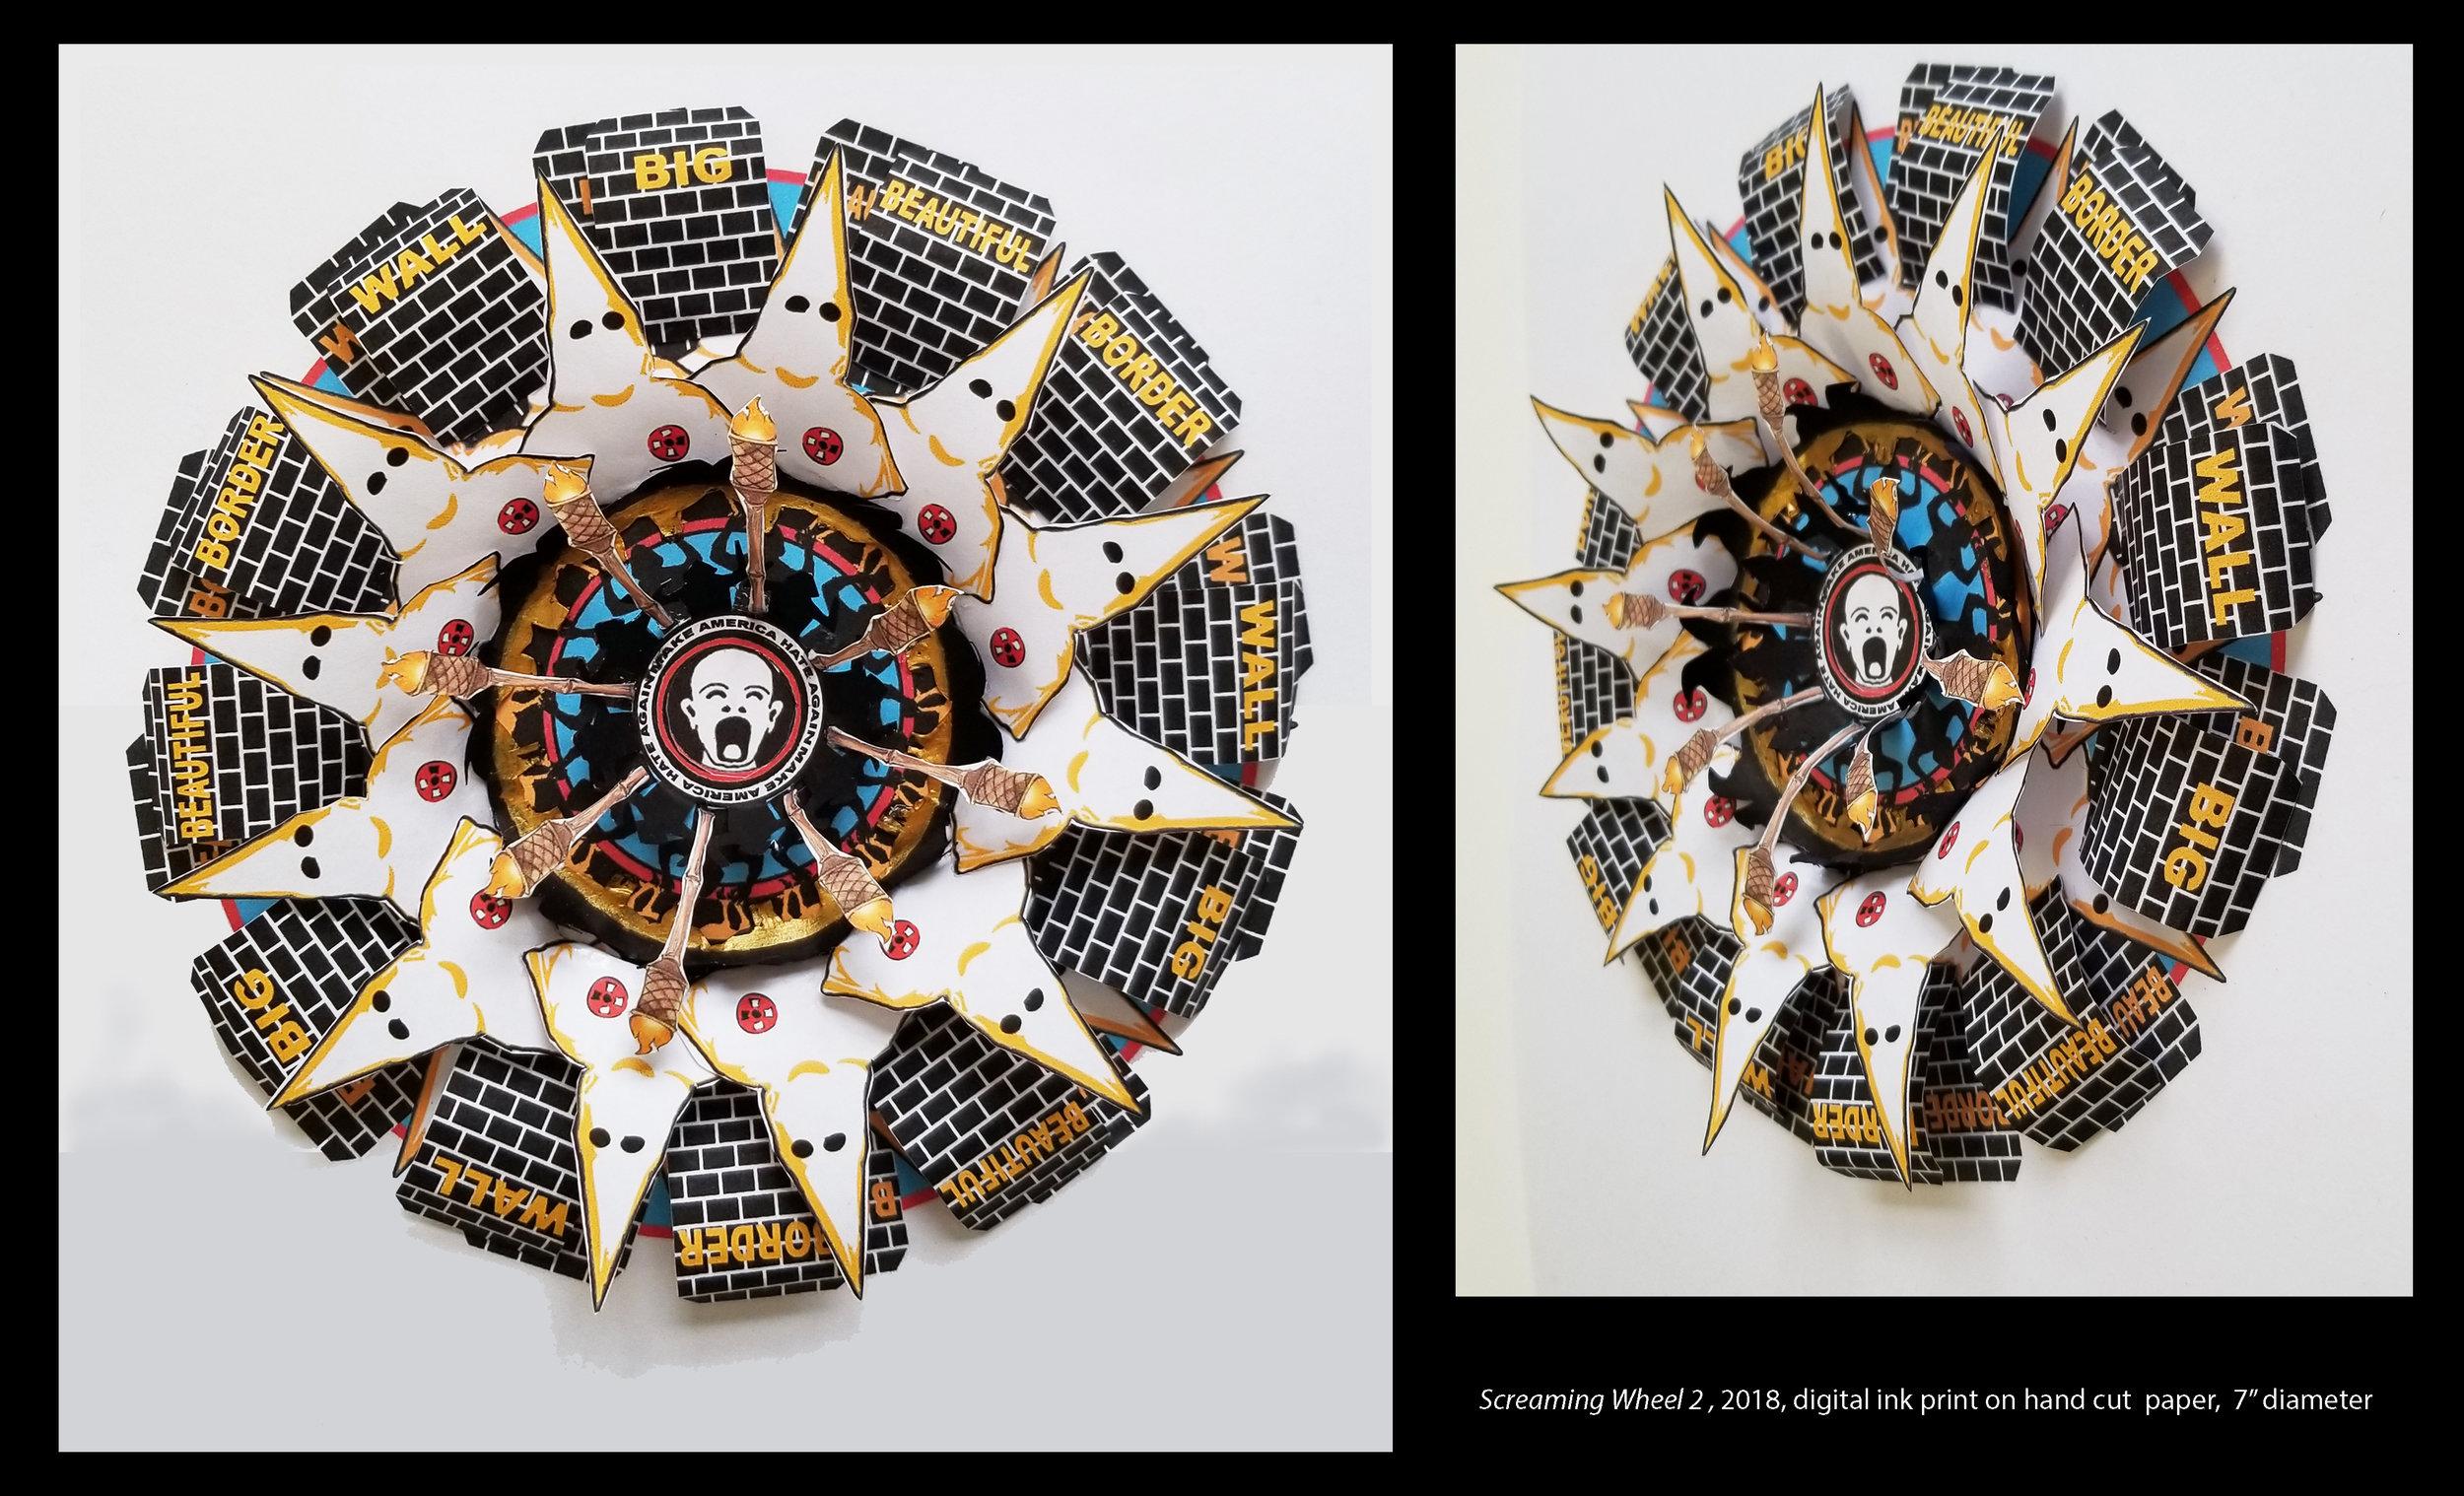 MargiWeir_Screaming Wheel 22018.jpg